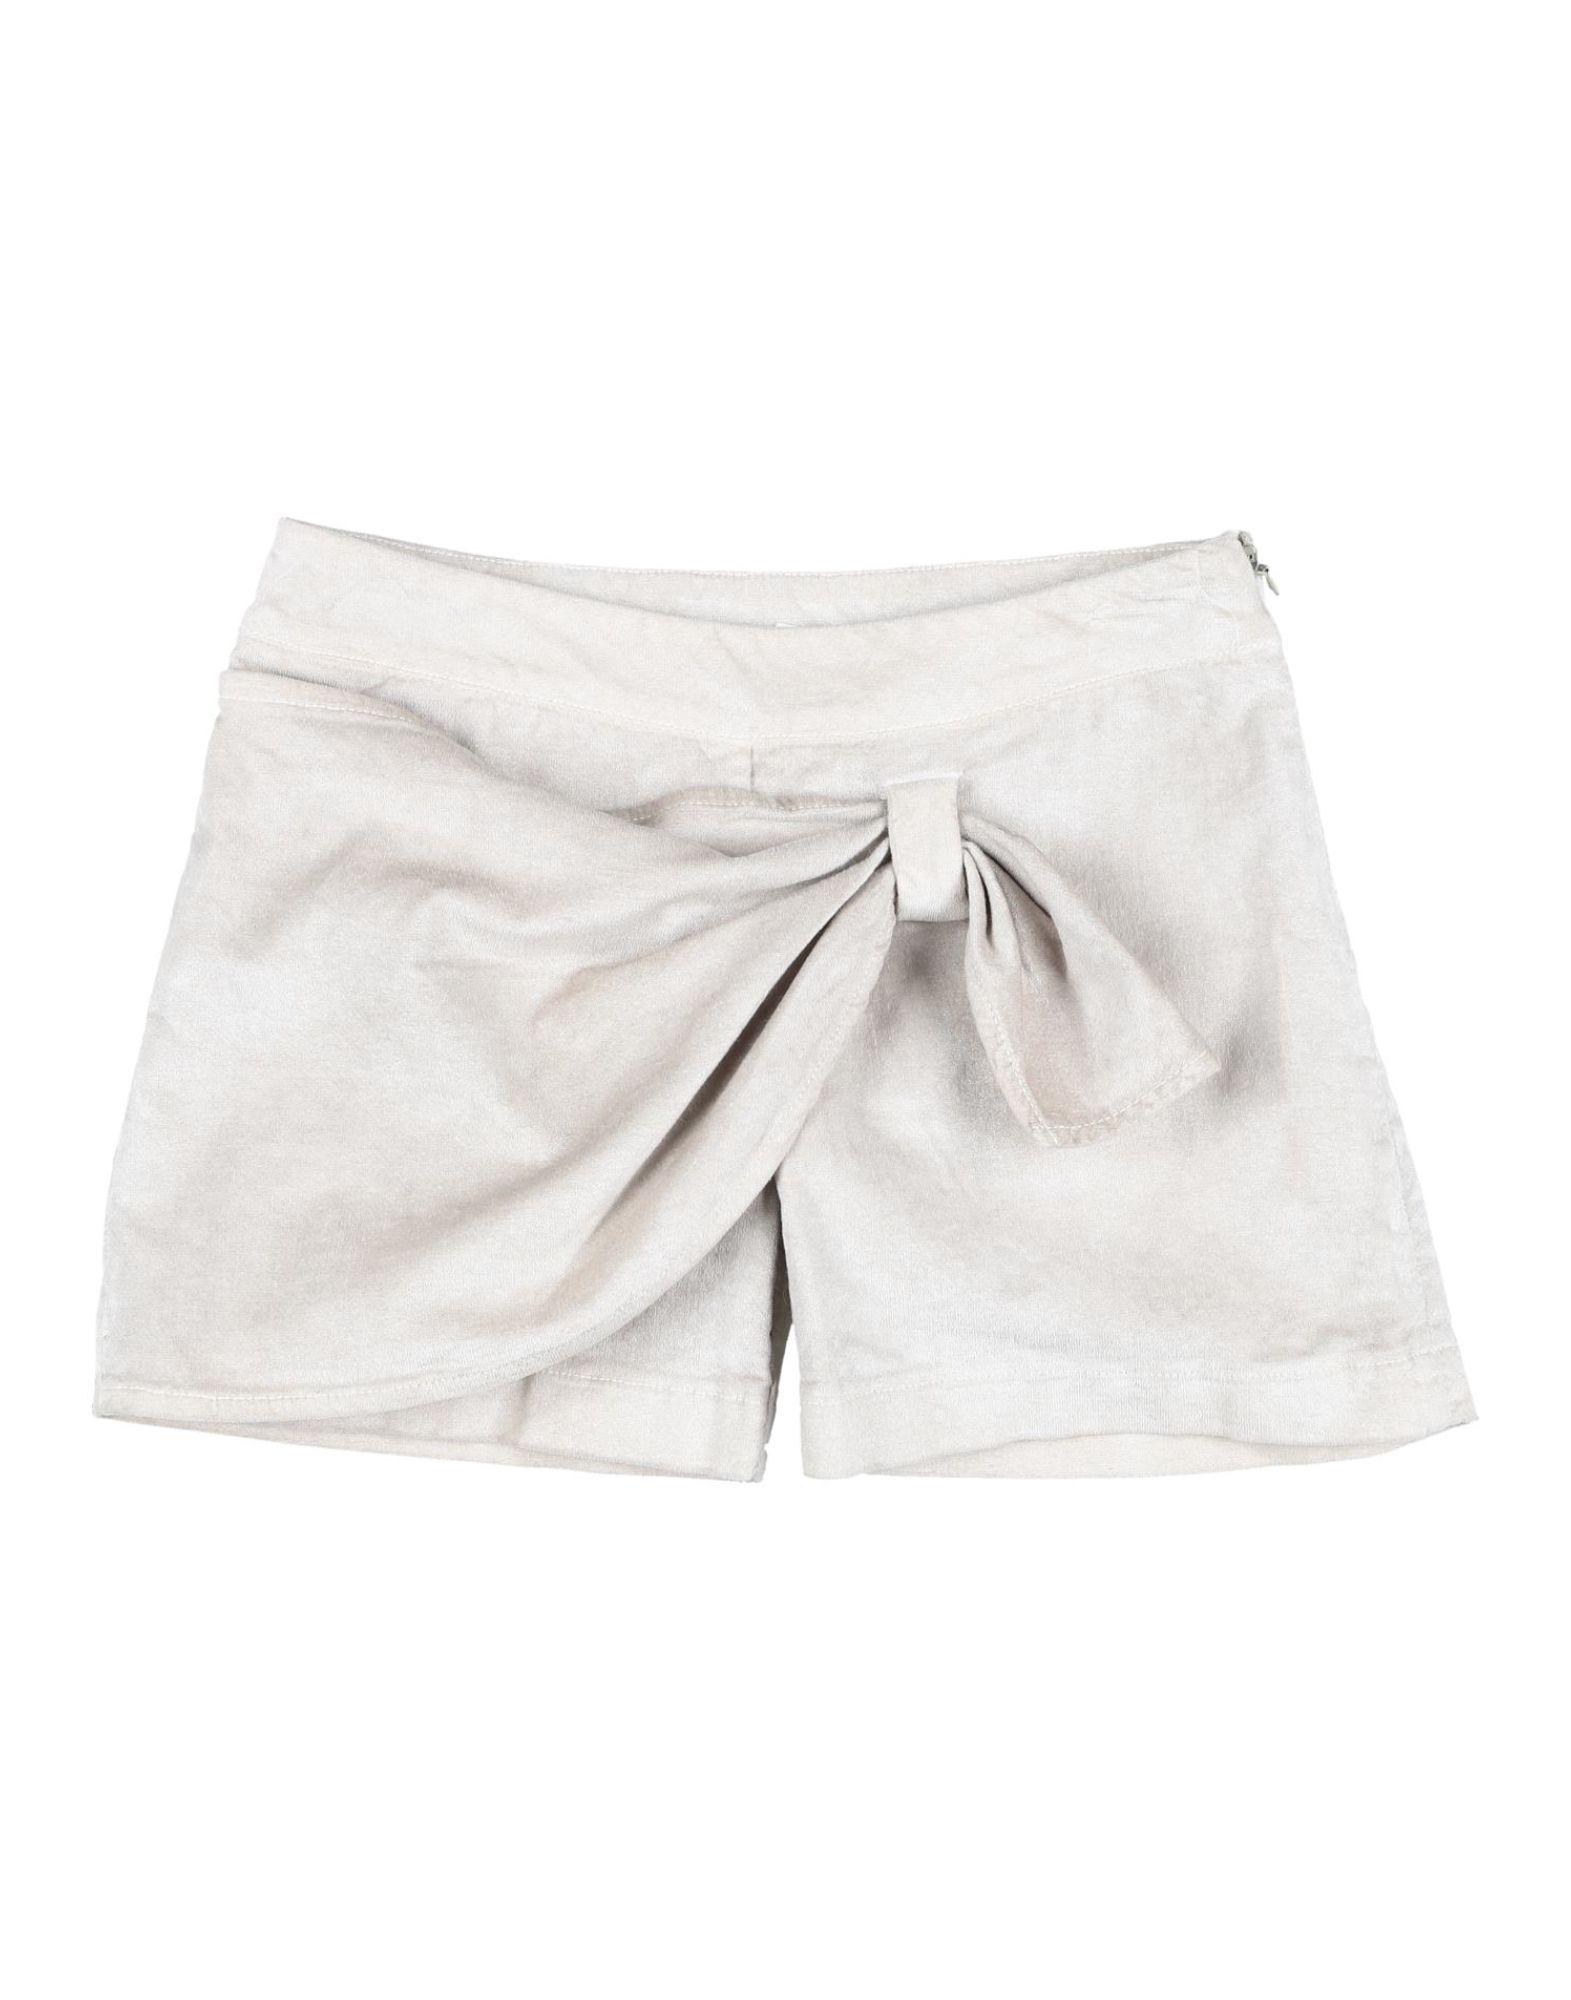 yaya повседневные шорты KID'S COMPANY Повседневные шорты